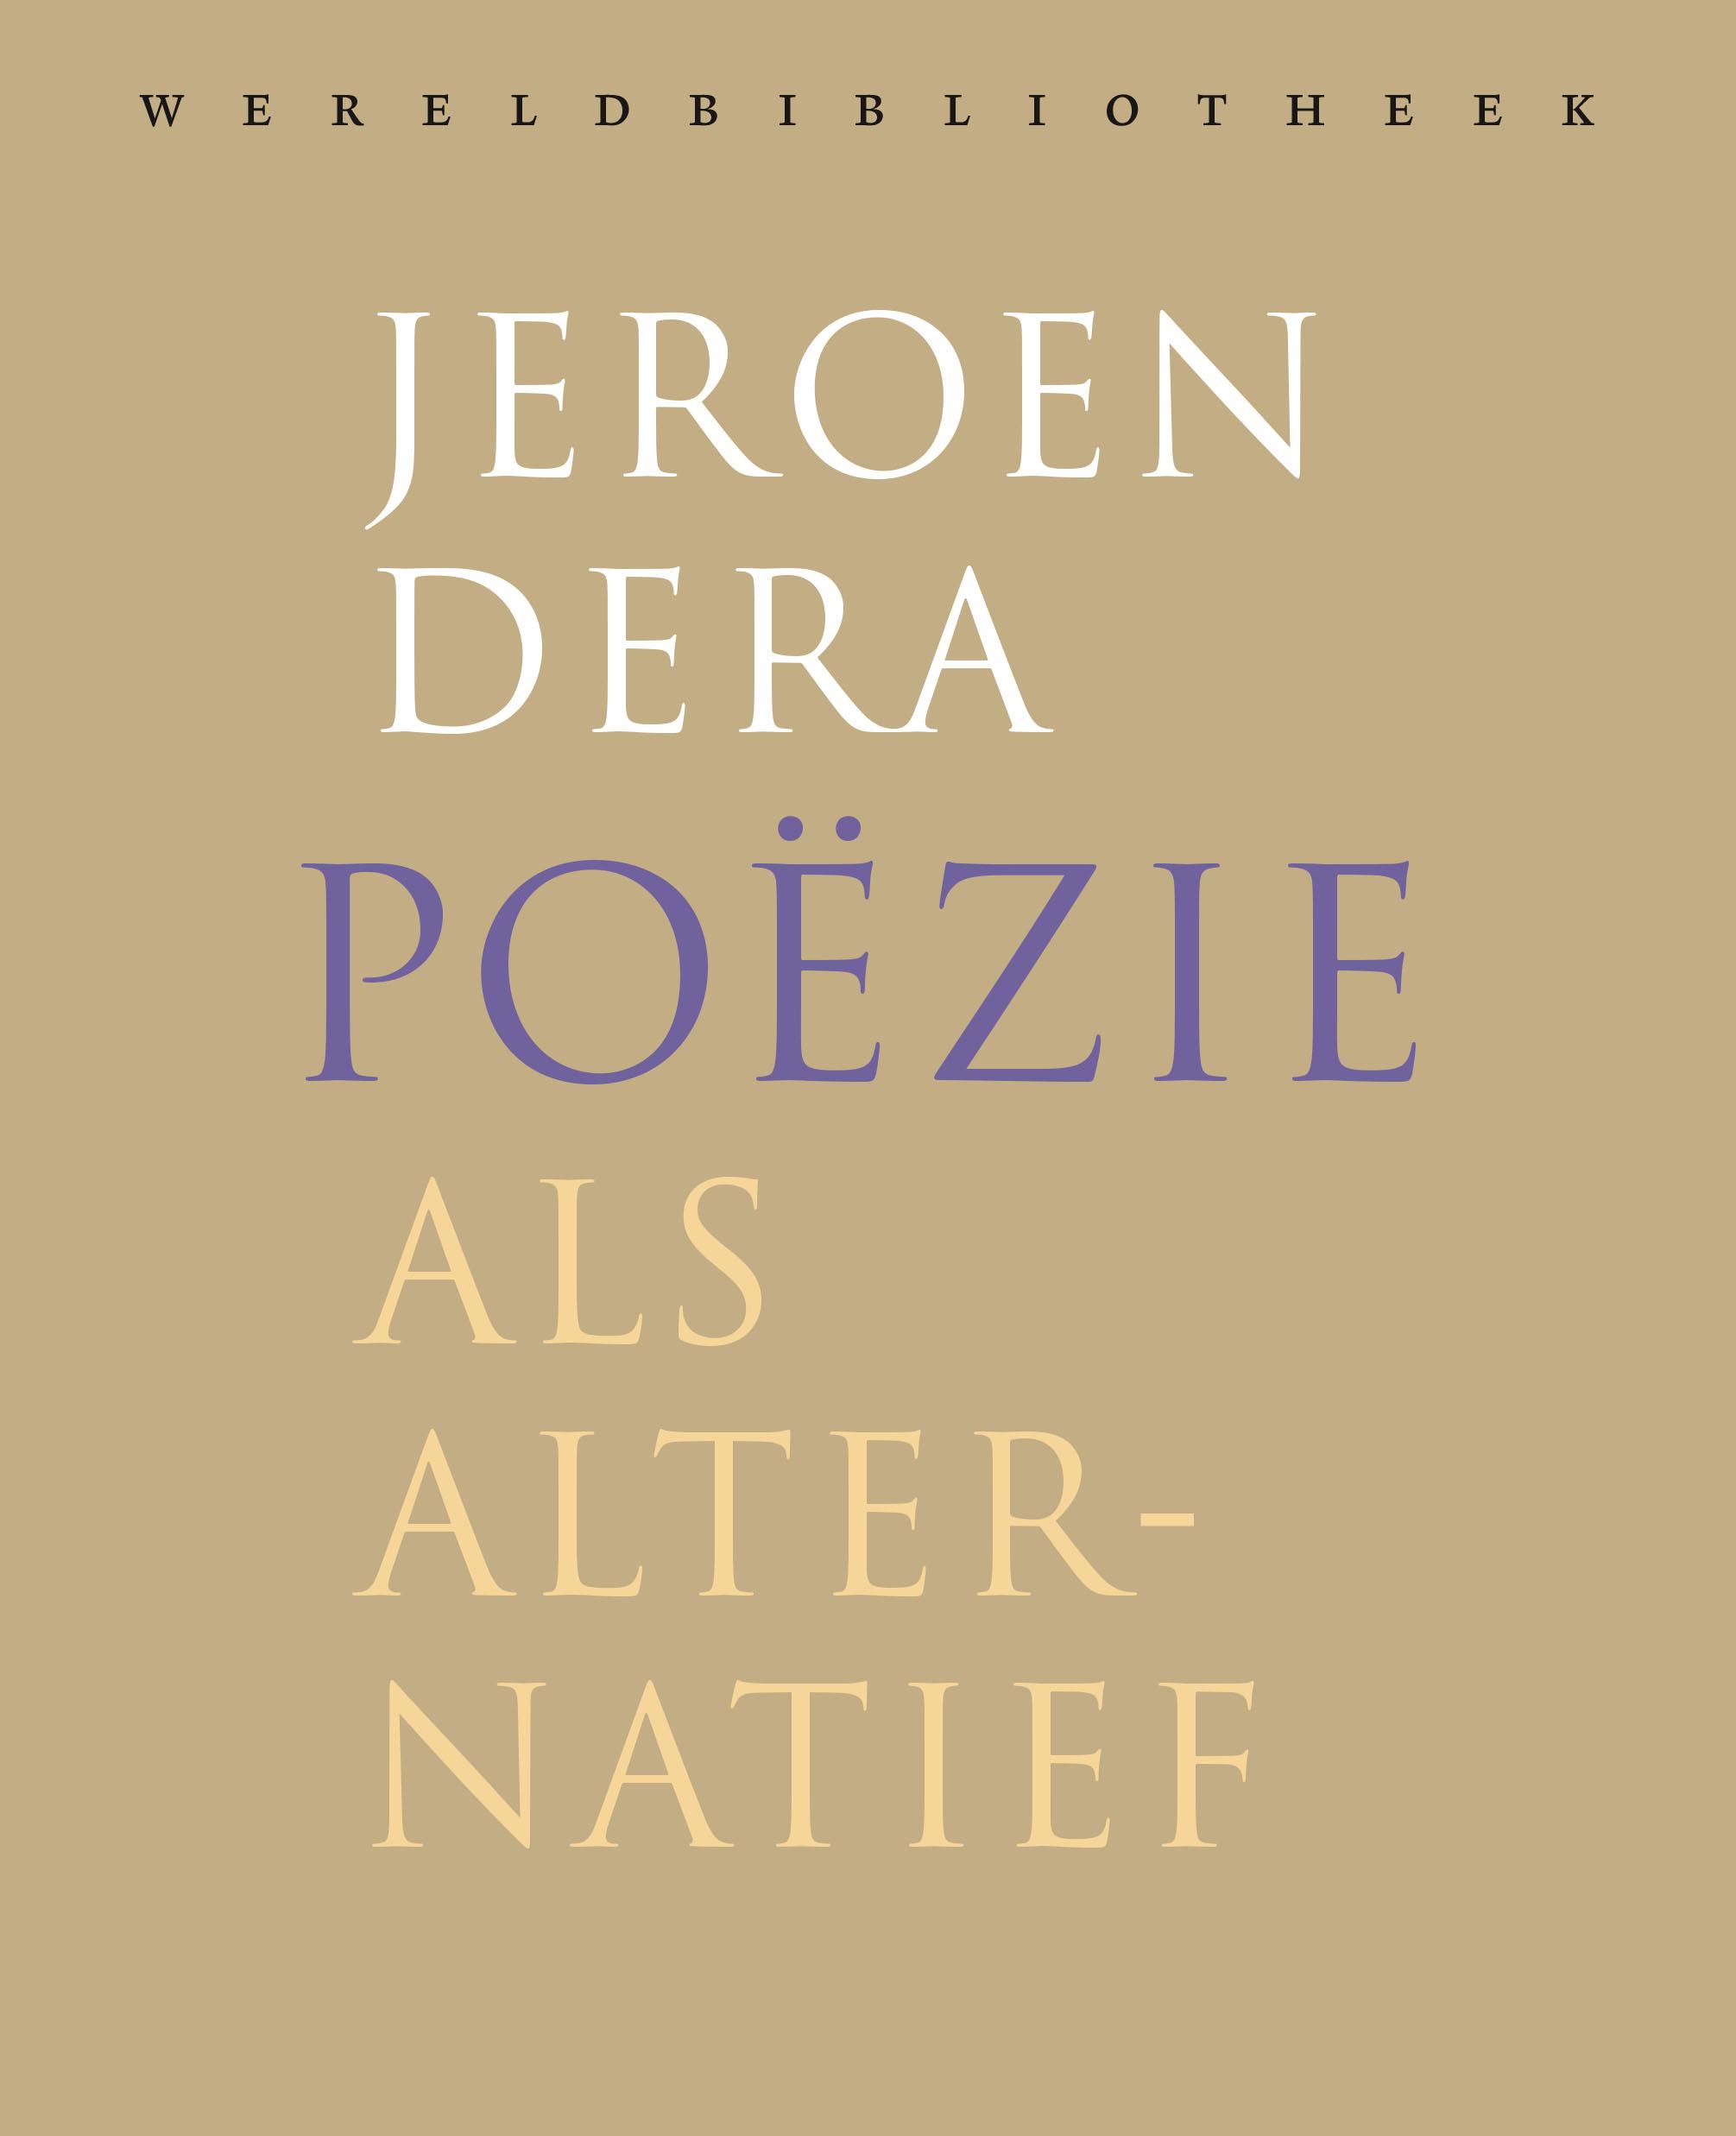 Poezie als alternatief - boekenflits